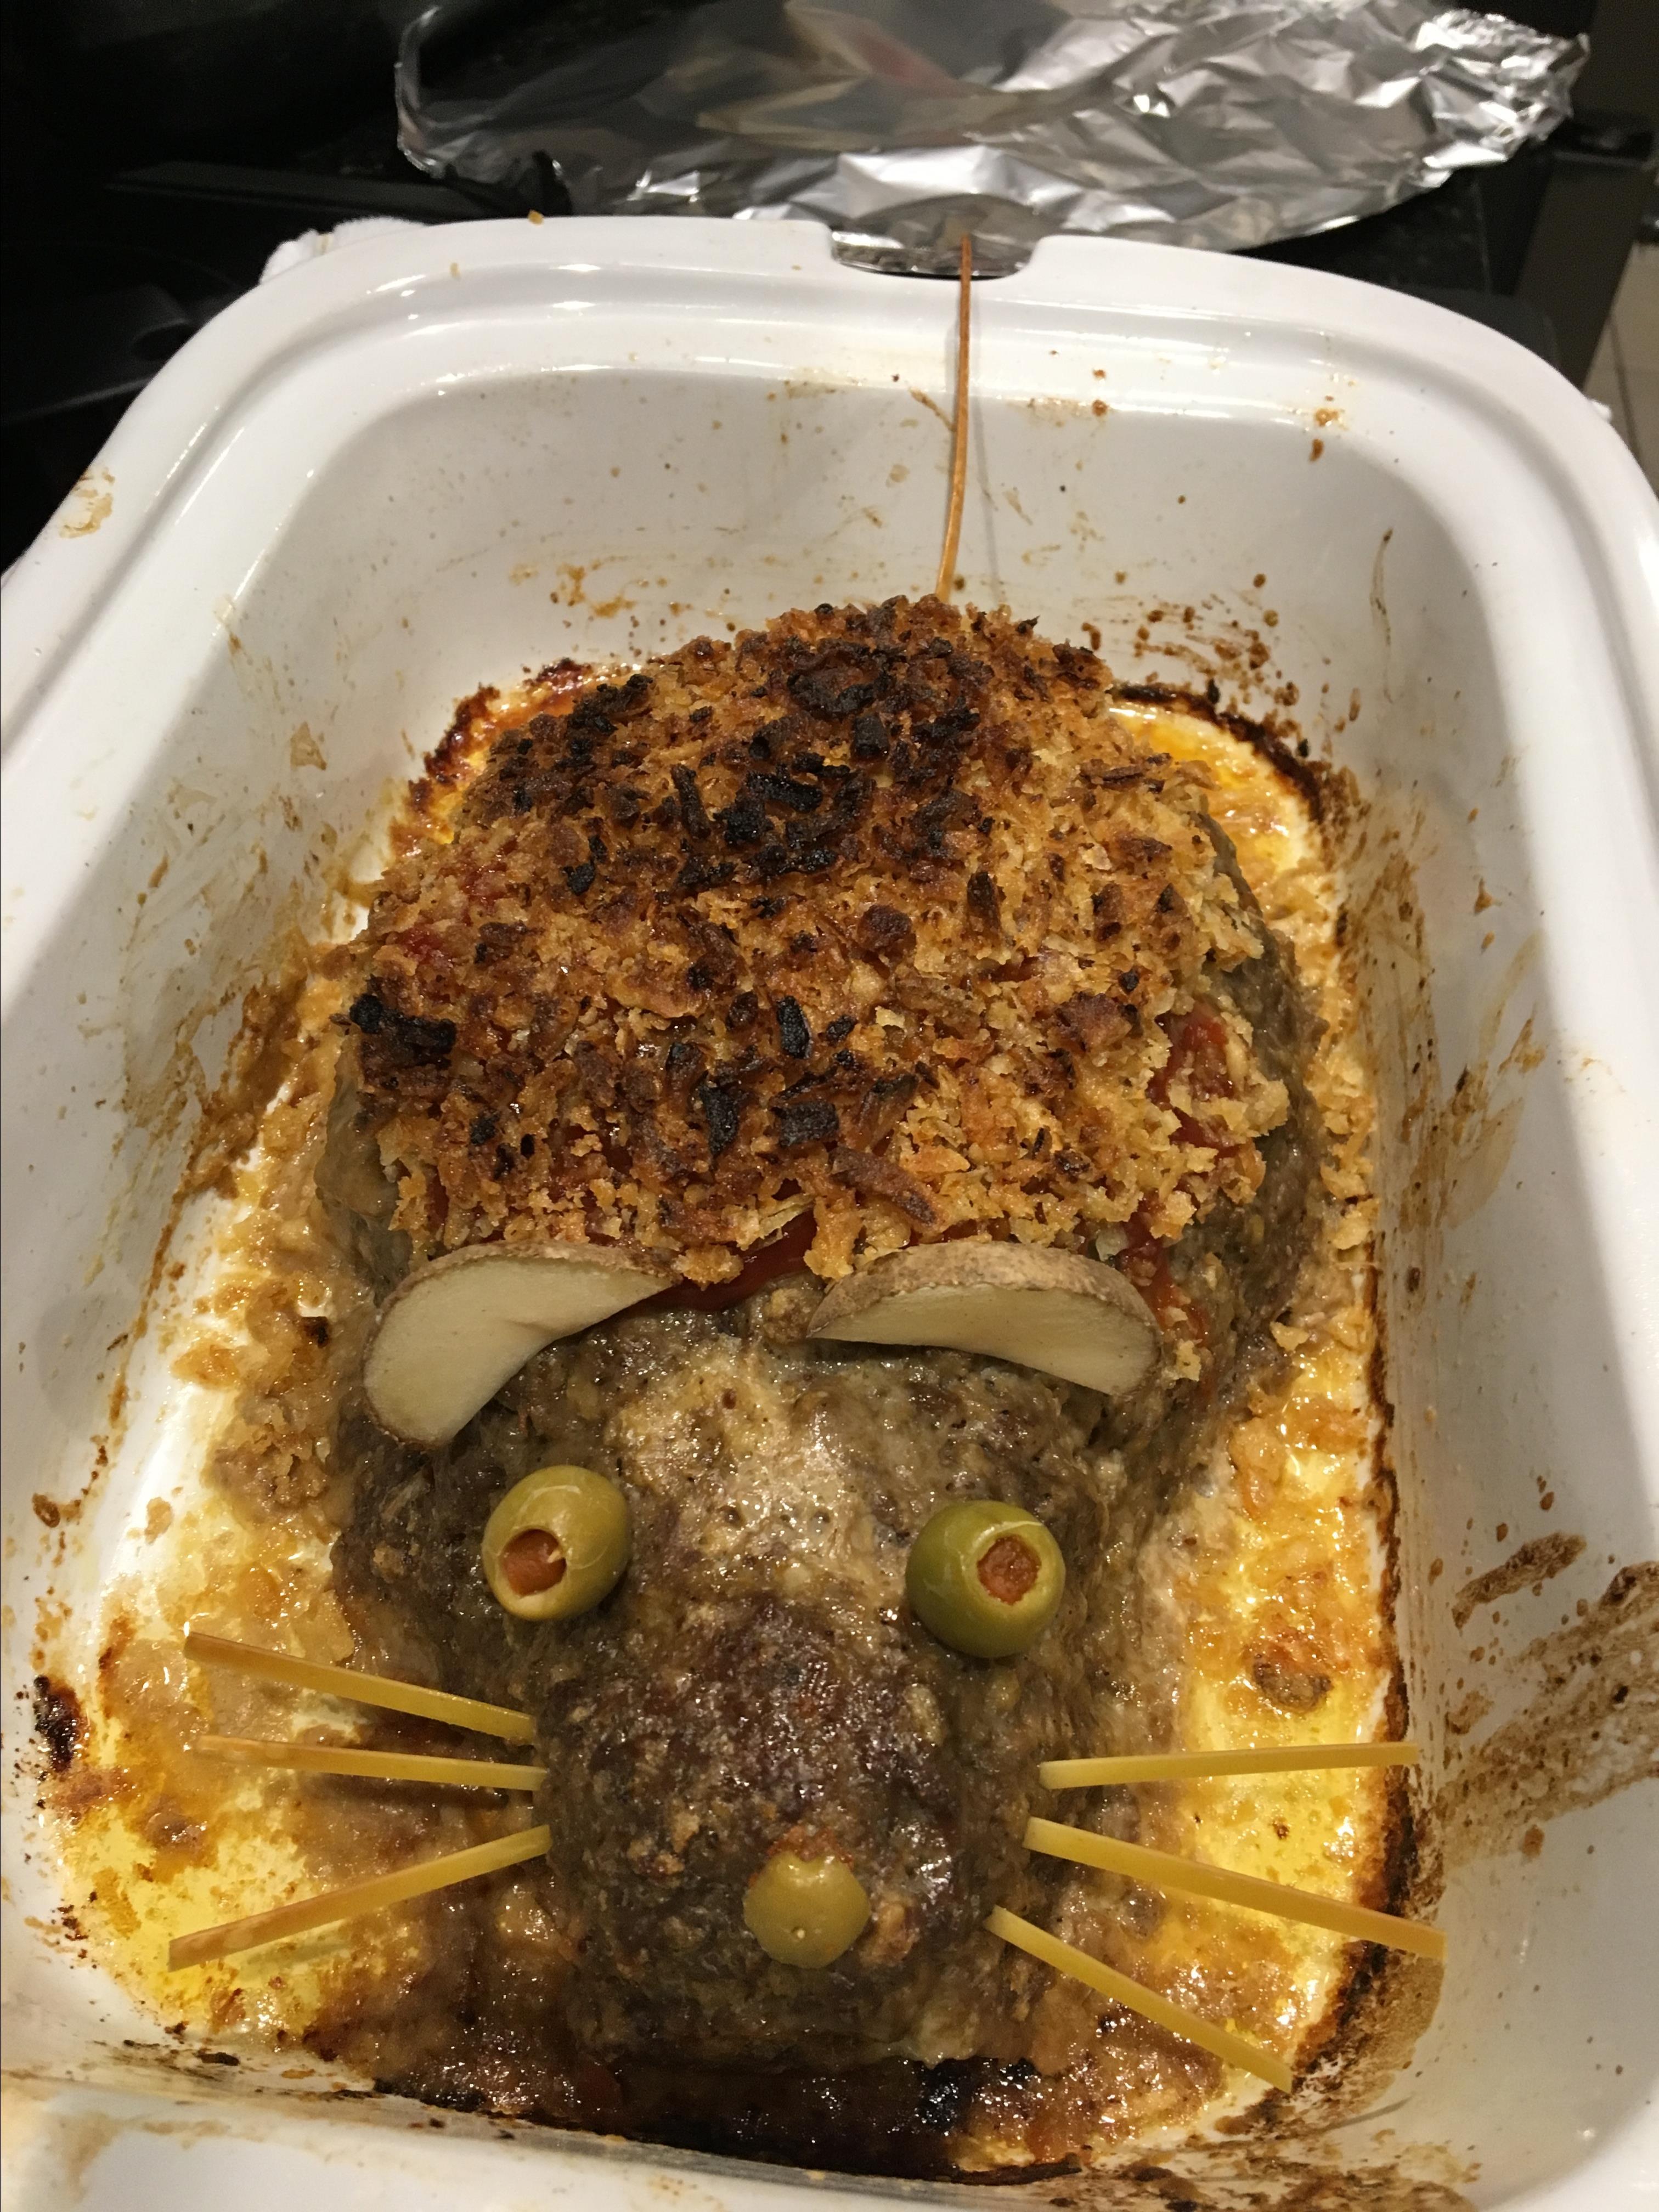 Ratloaf (Halloween Meatloaf) Leanna